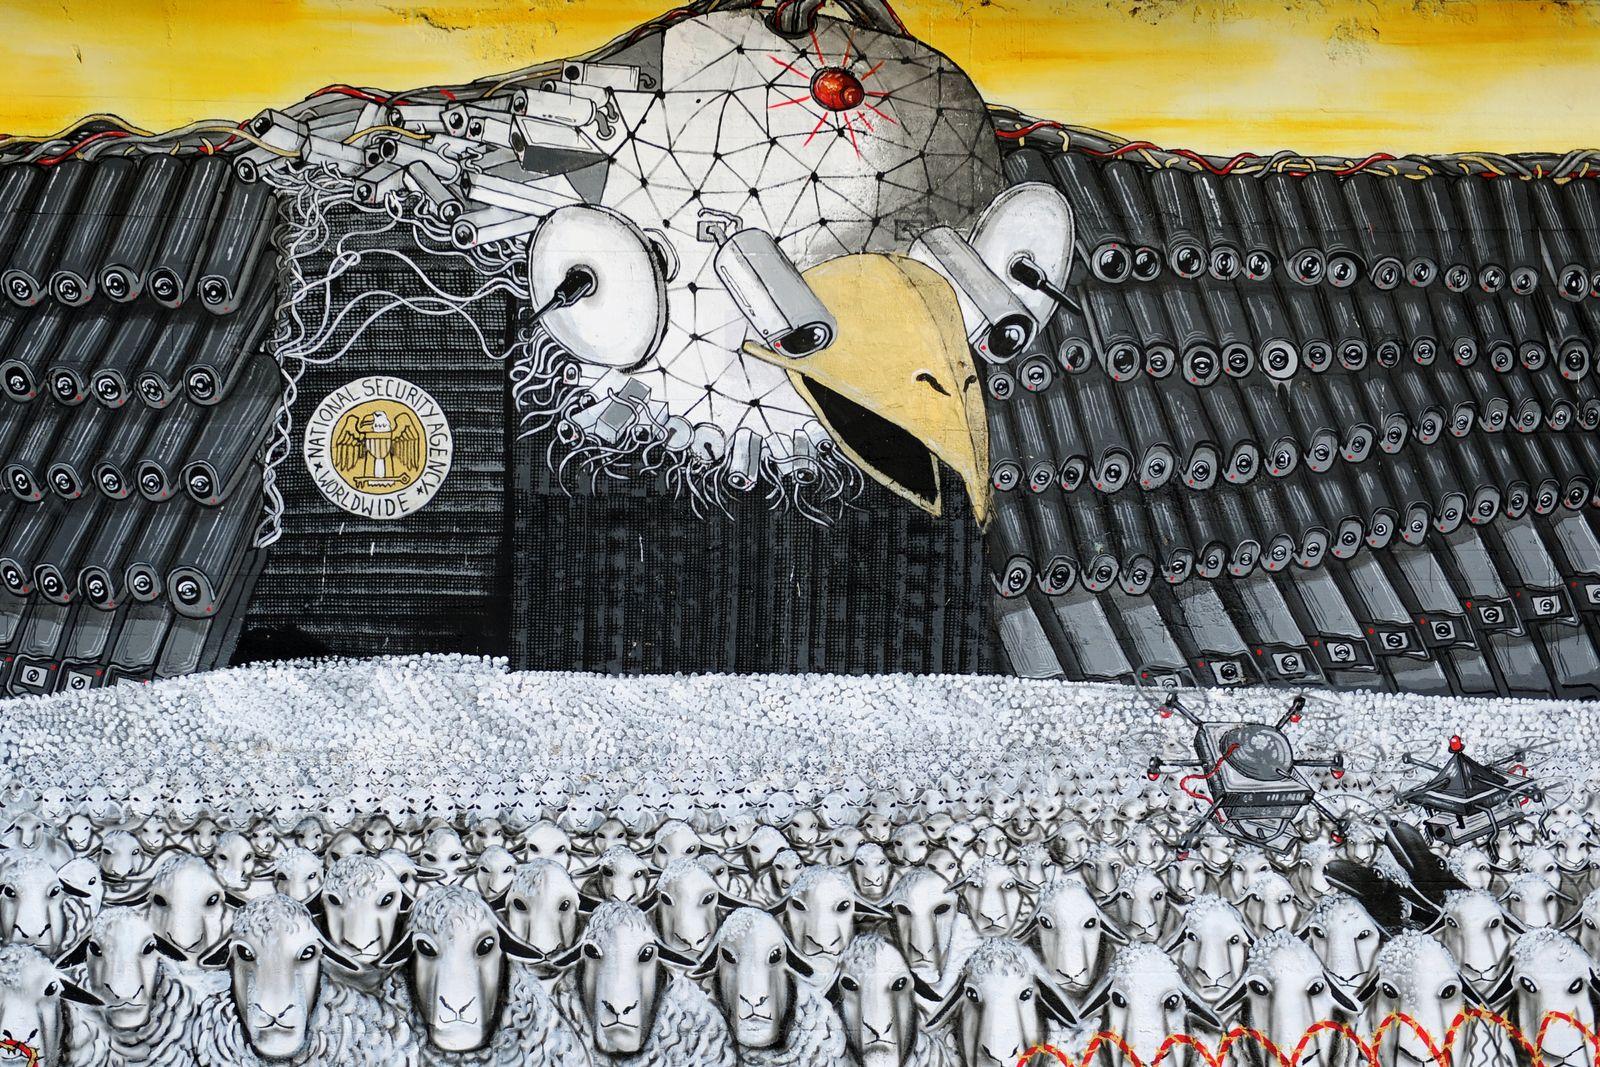 Wandgemälde zu NSA-Spähprogrammen